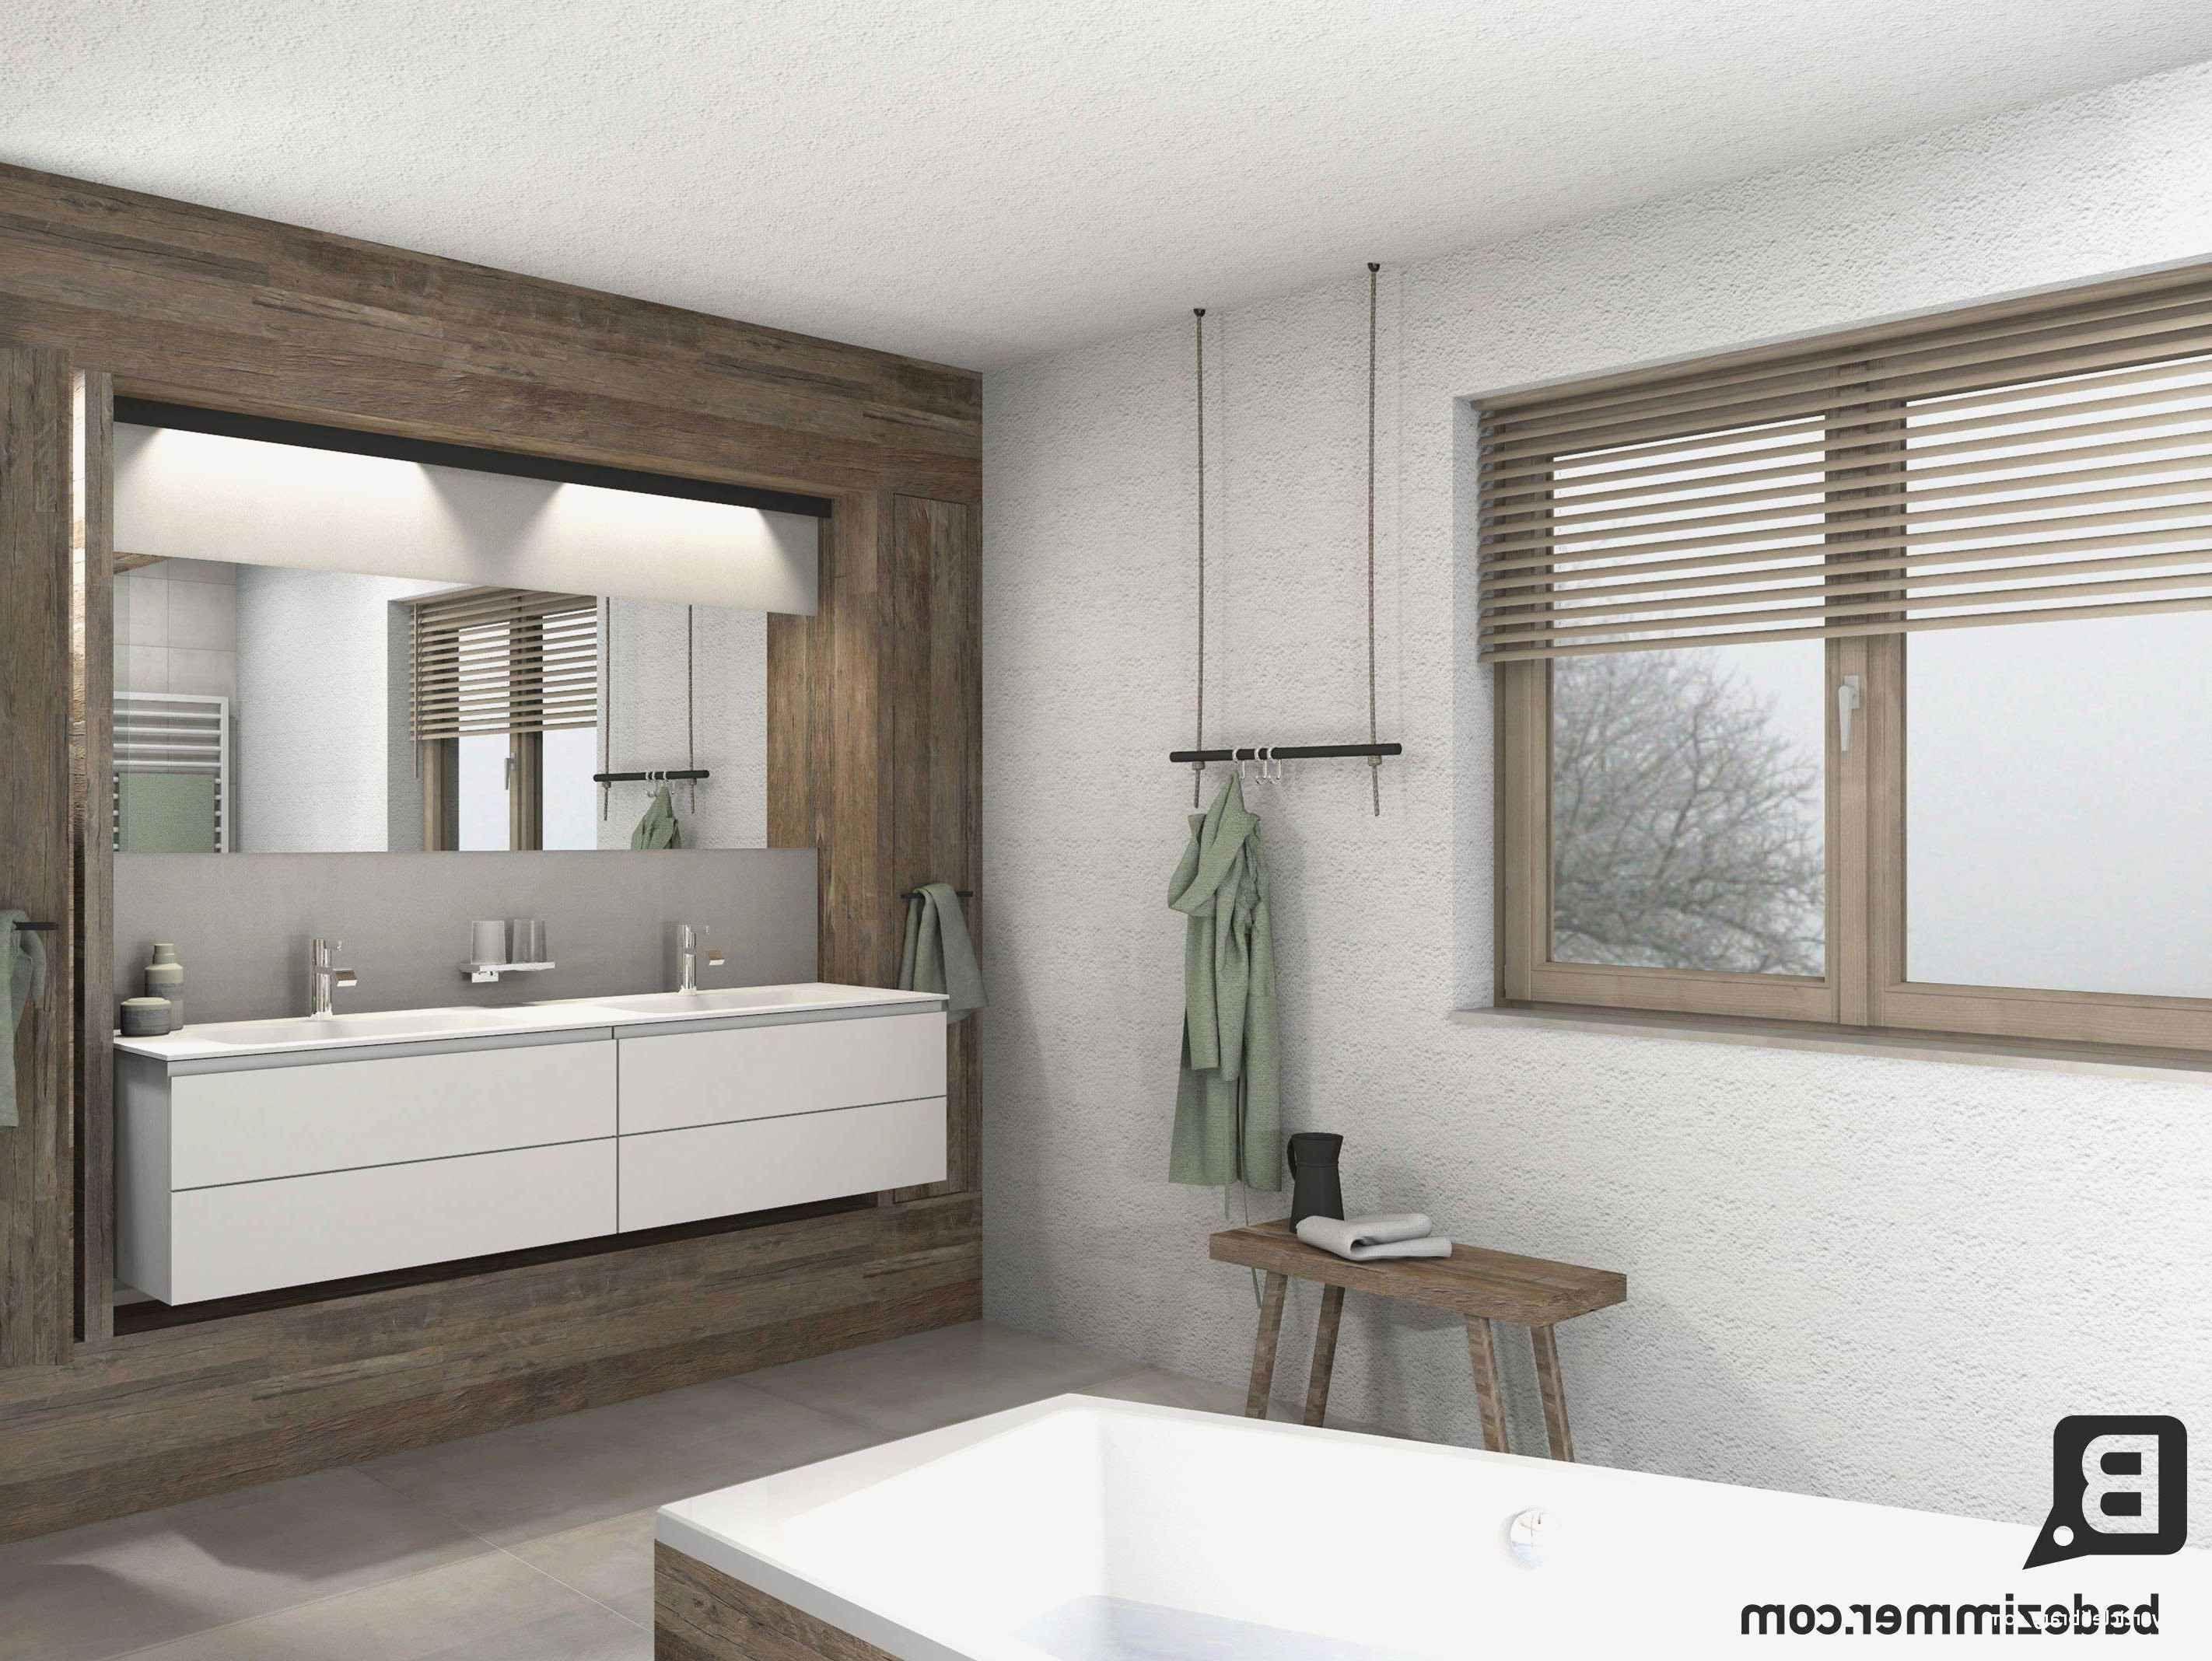 15 Interessant Fotografie Von Ideen Fur Ein Neues Badezimmer